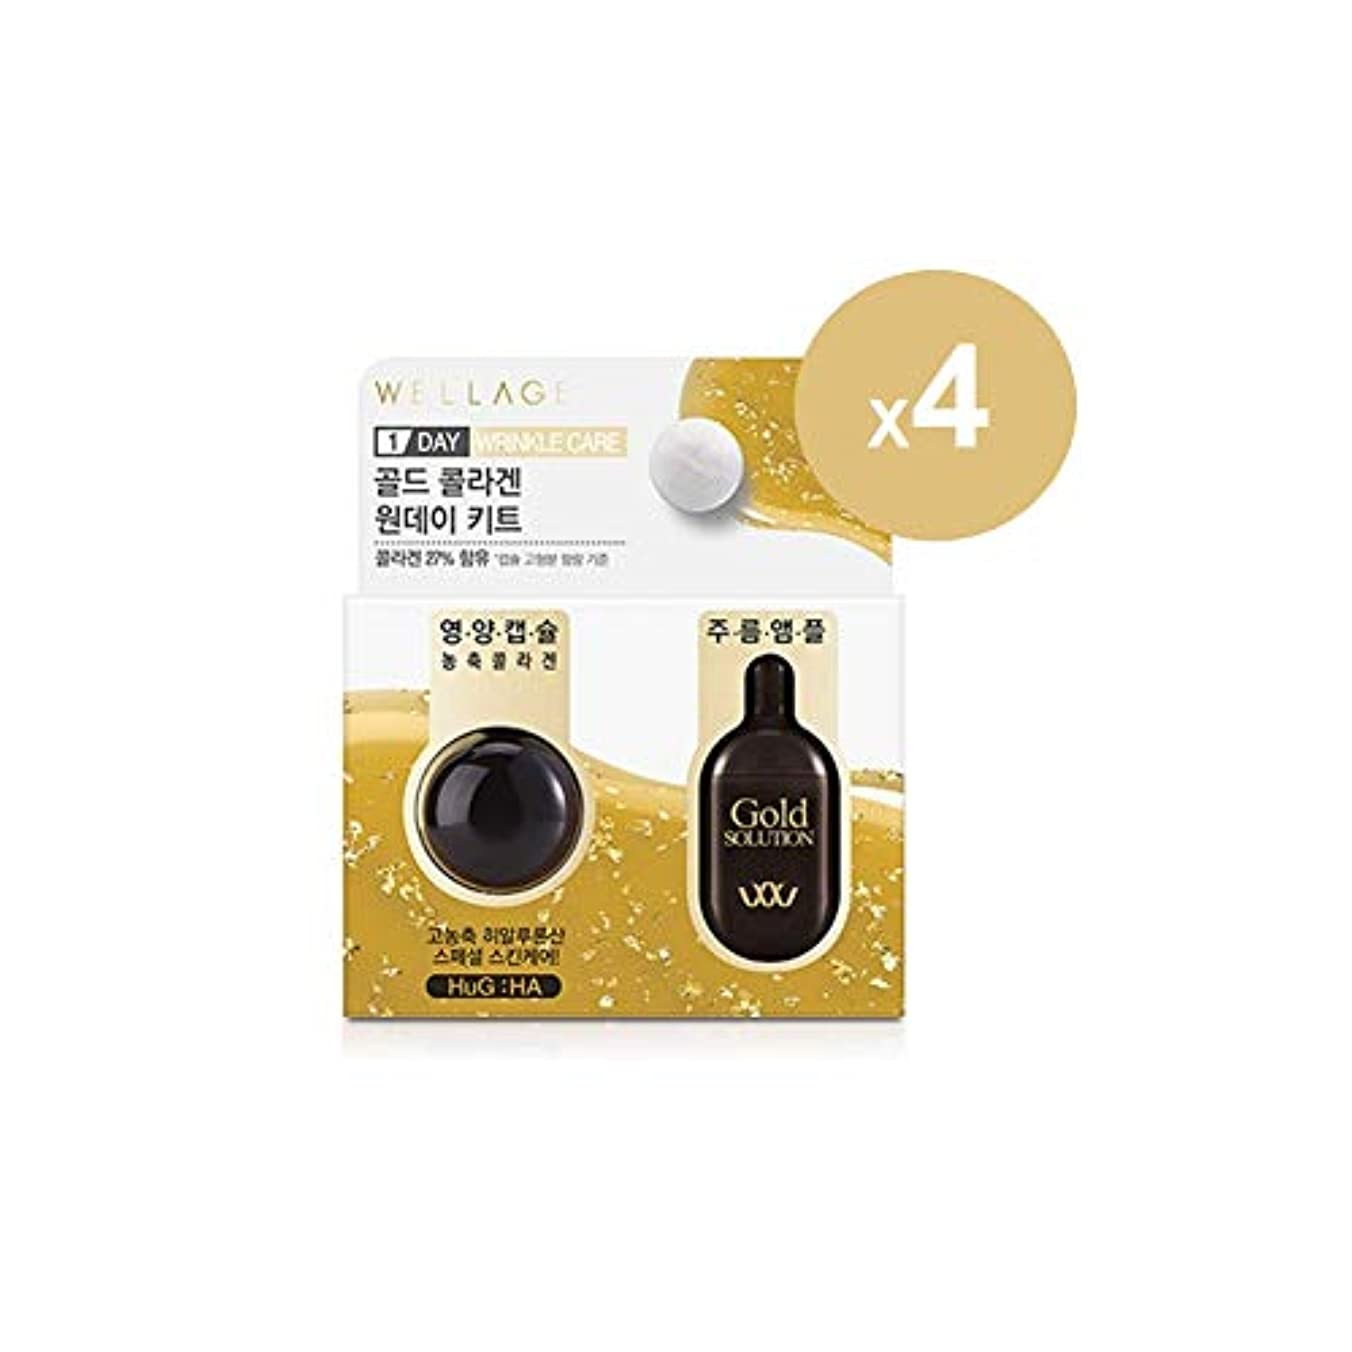 スラム街呼吸規模wellage☆Real Collagen Bio Capsule&Gold Solution☆ウェルラジュ ゴールドコラーゲン1dayキット [並行輸入品]